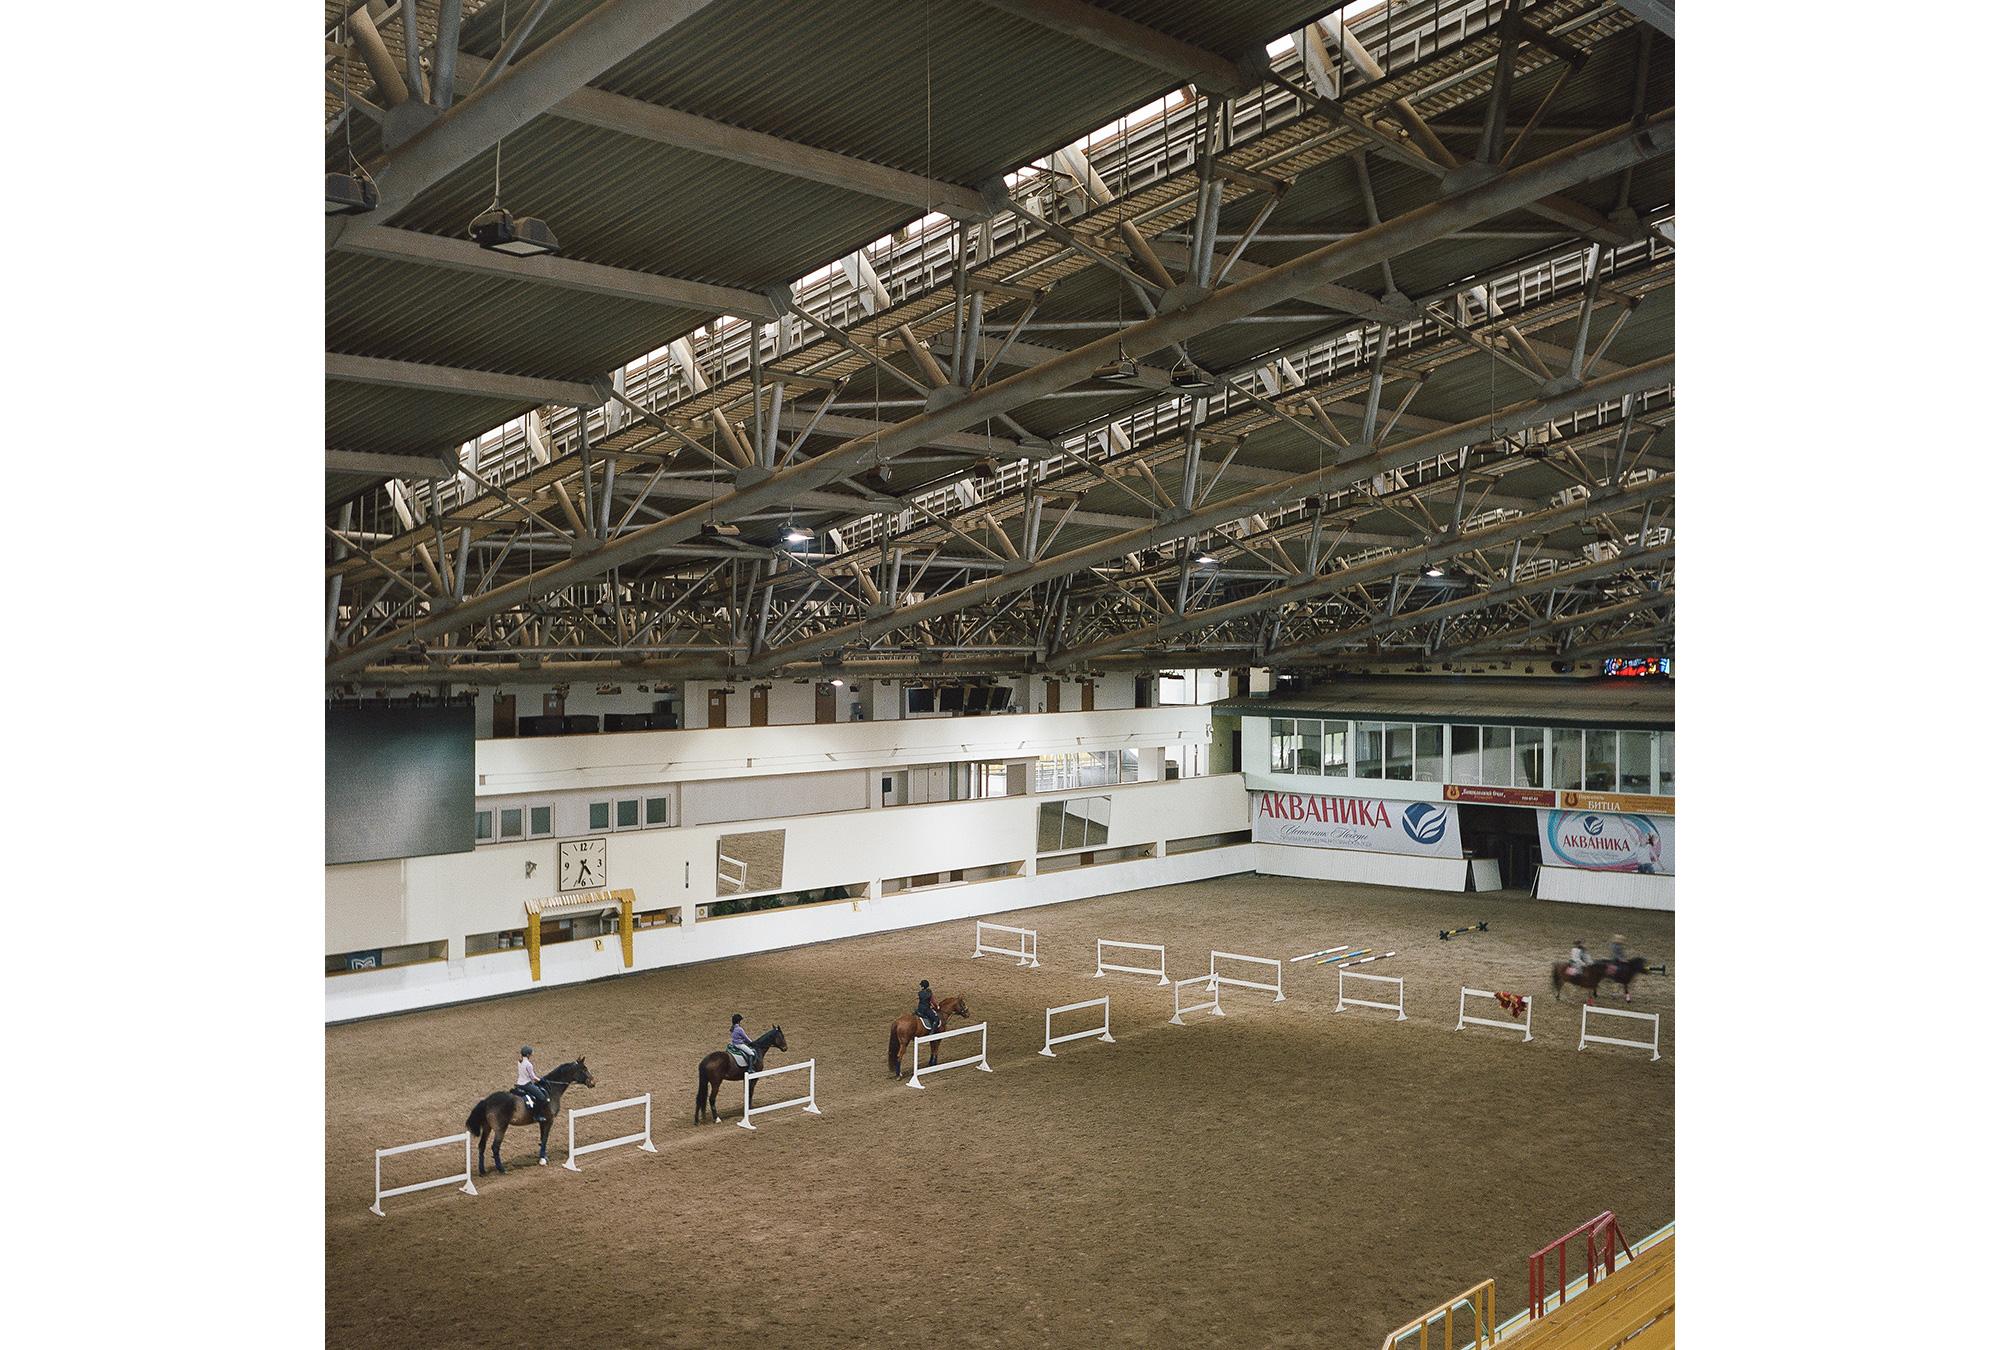 Die Reithalle des Bitza-Reitsportstadions wurde 1980 fertiggestellt und ist immer noch in Betrieb.